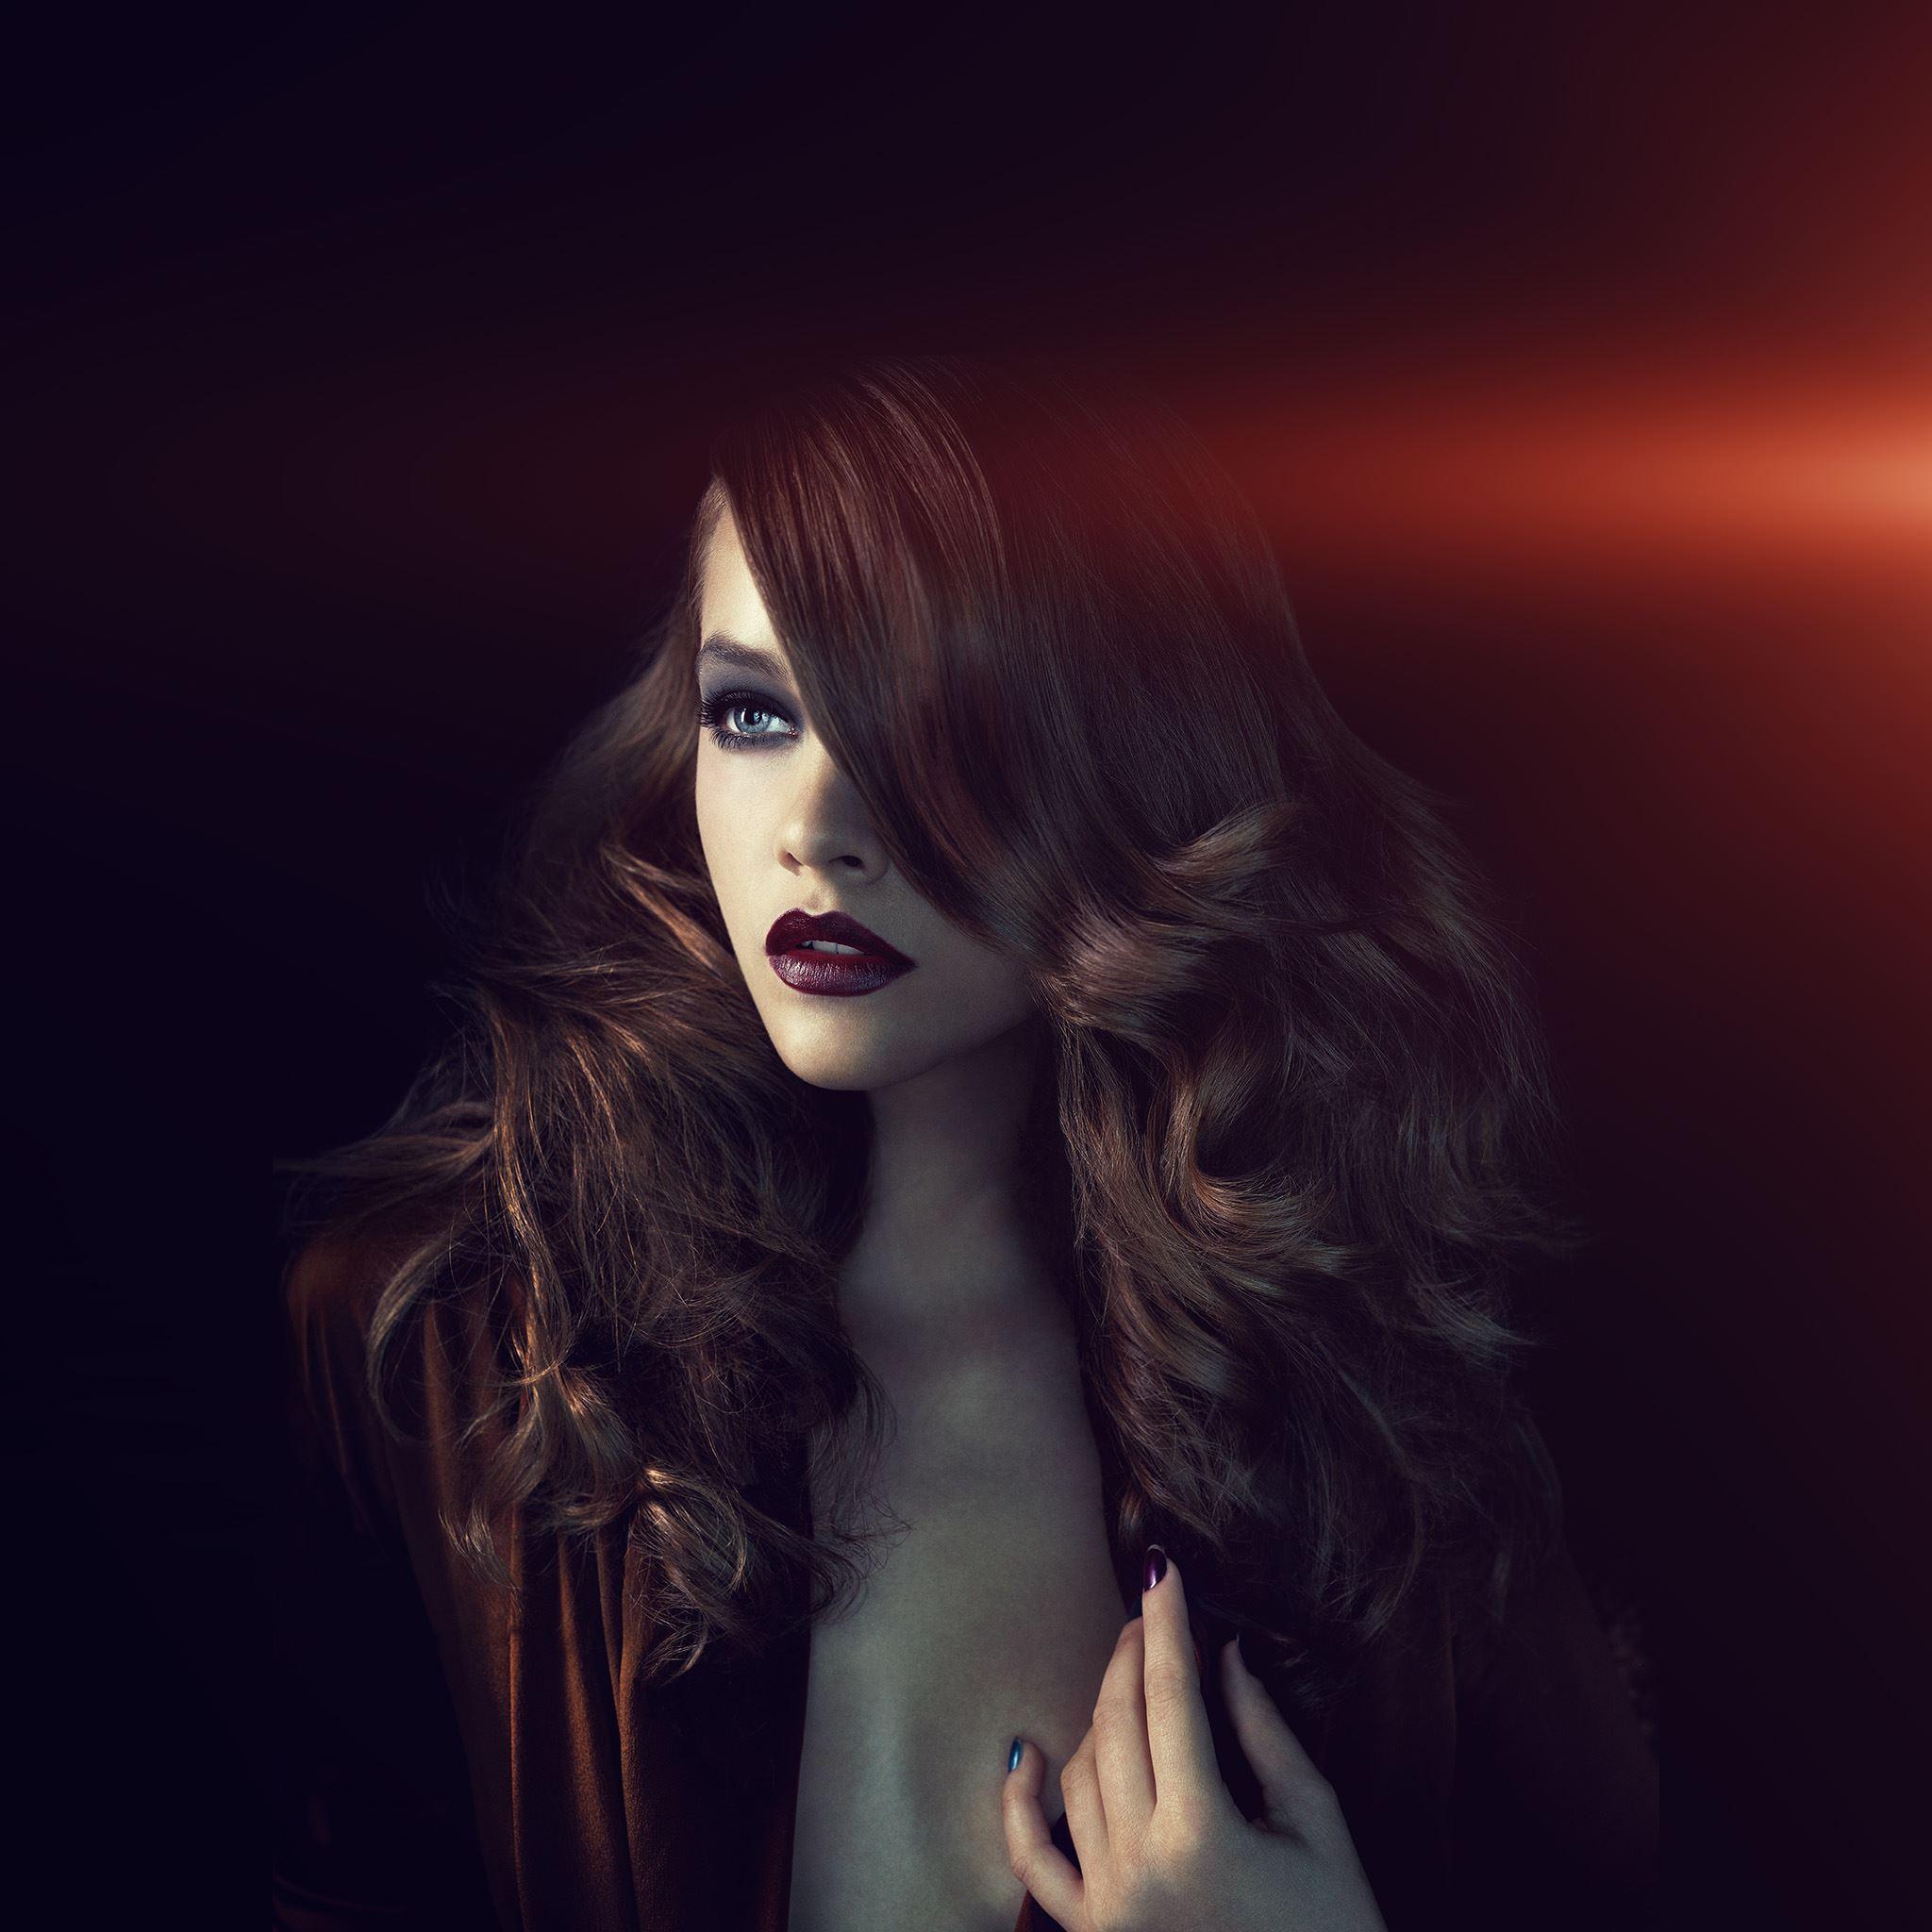 Barbara palvin dark model cute flare iPad Air wallpaper